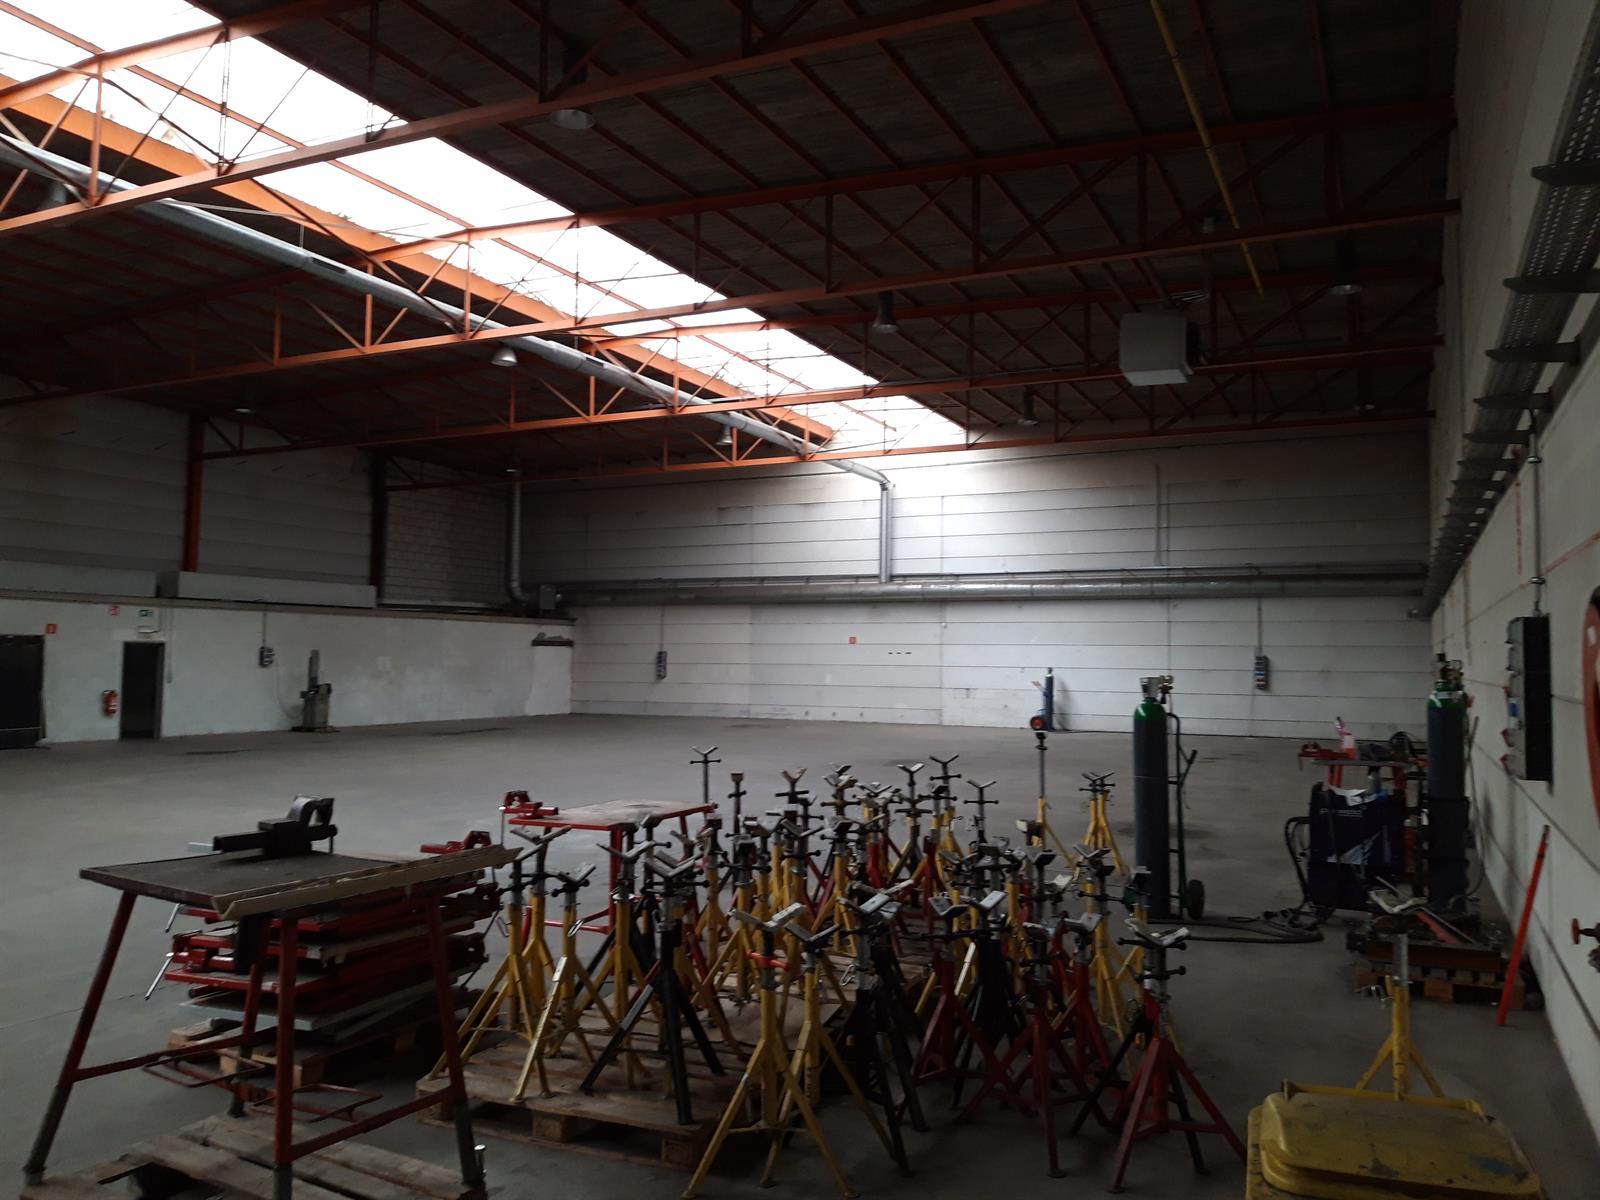 kantoren & magazijn te koop OUDEBAAN 71 WILRIJK - Oudebaan 71, 2610 Antwerpen Wilrijk, België 11